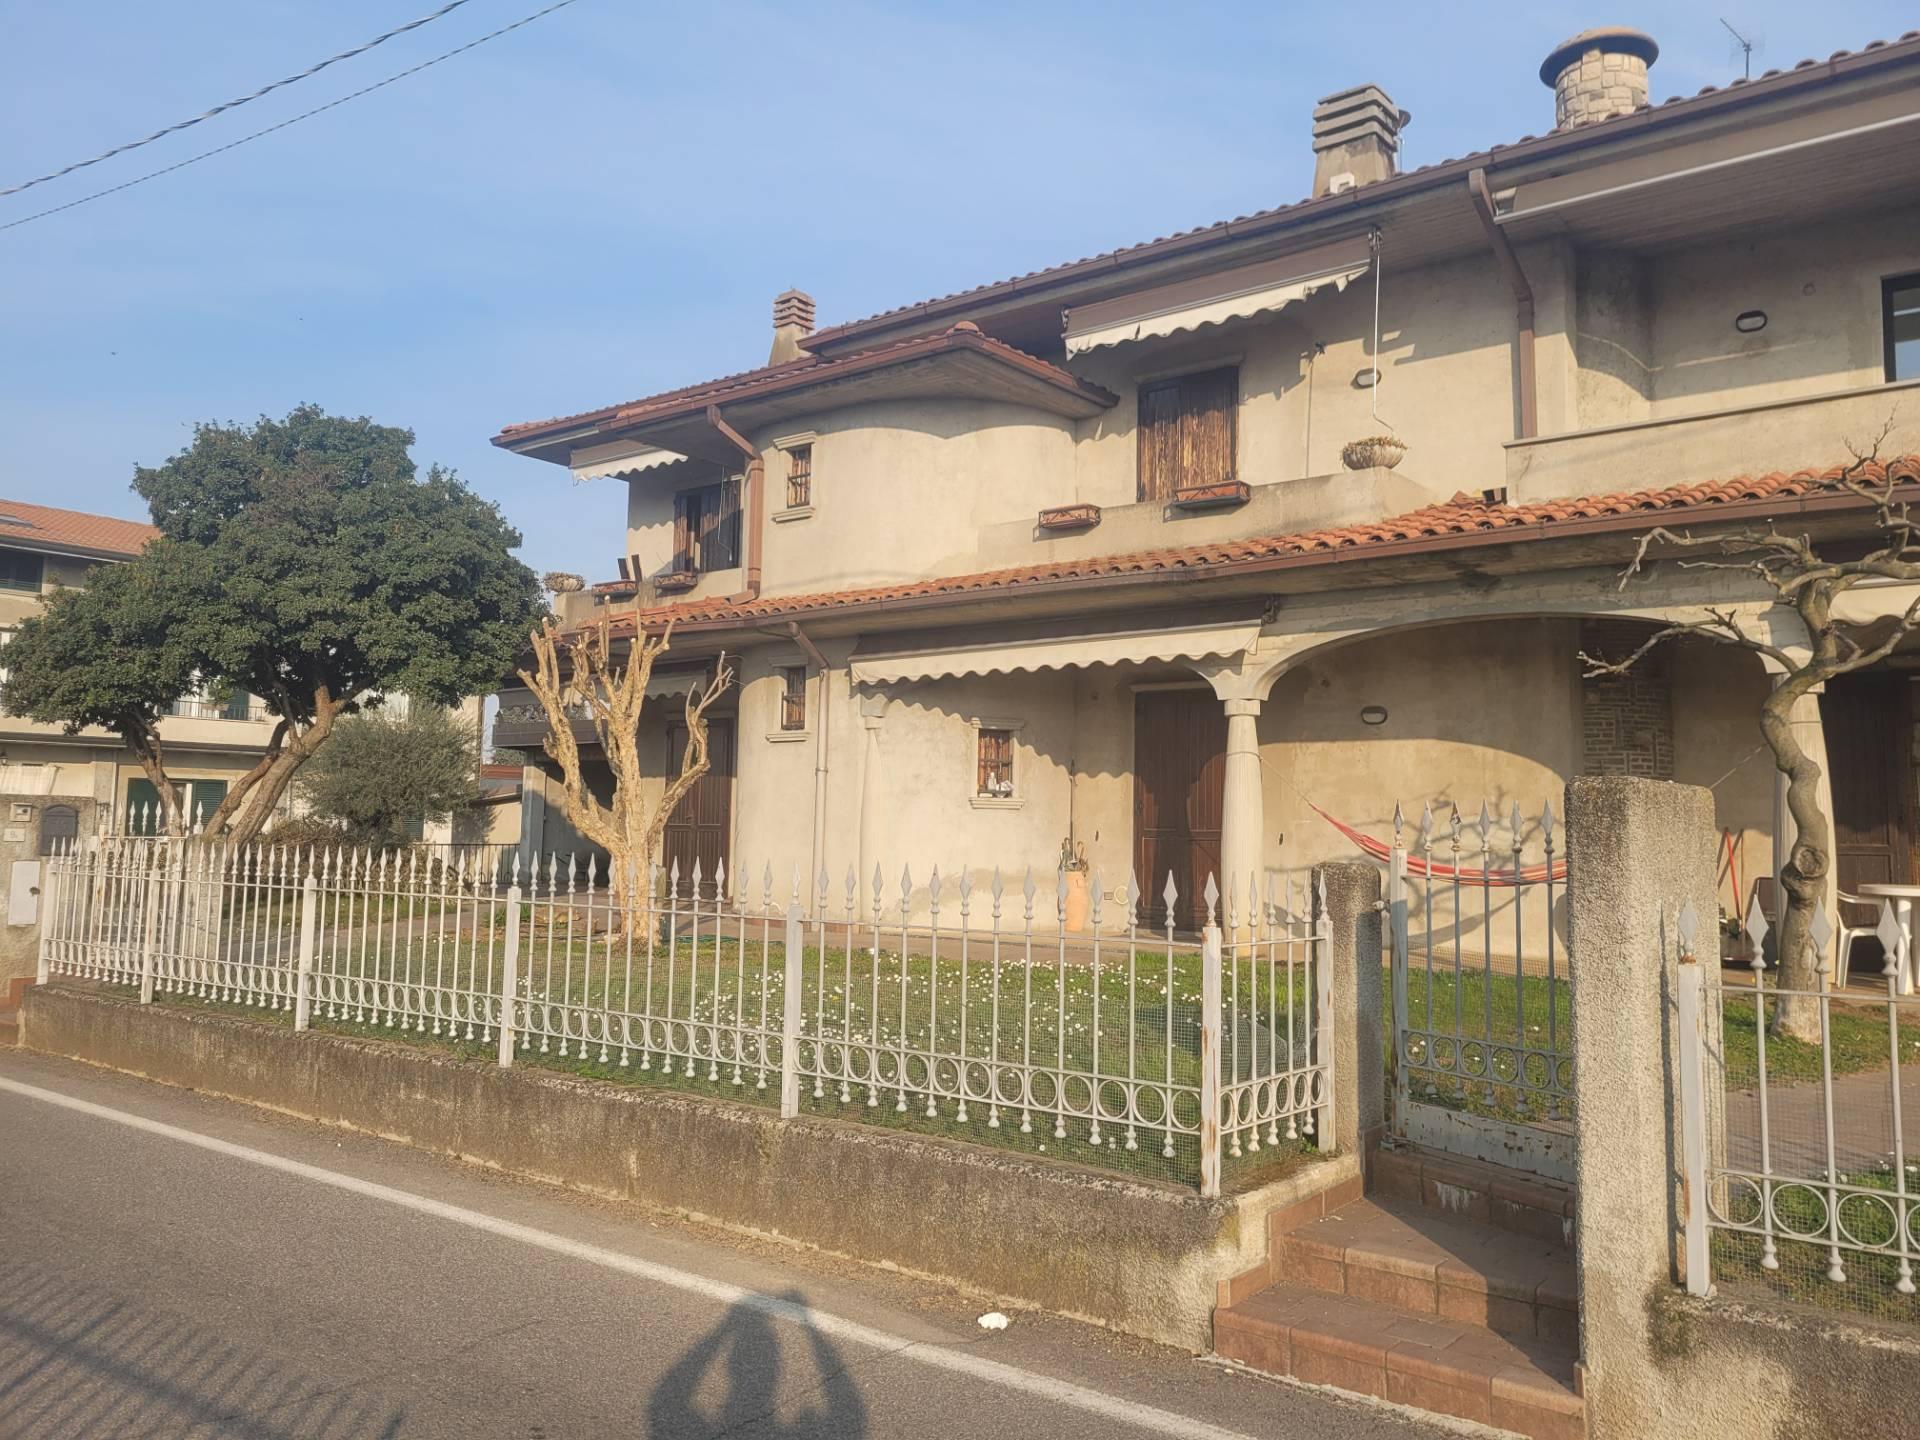 Villa Bifamiliare in vendita a Palazzolo sull'Oglio, 9 locali, prezzo € 249.900   PortaleAgenzieImmobiliari.it